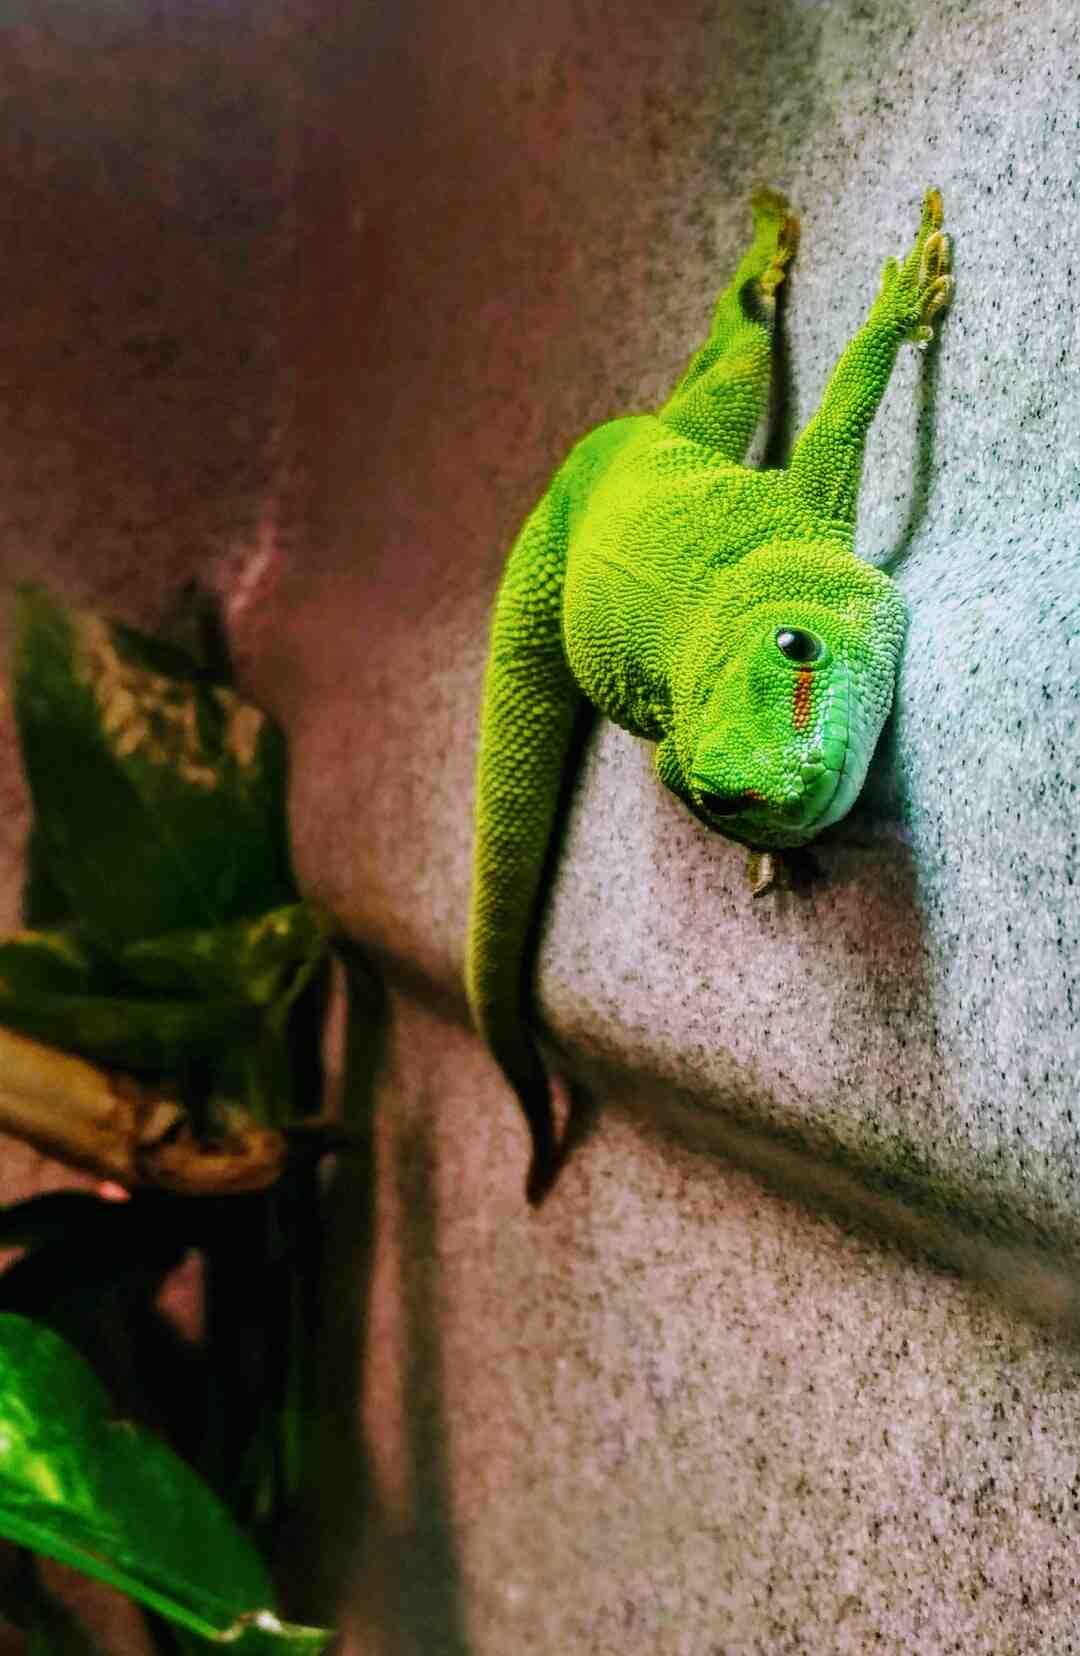 How do reptiles breathe